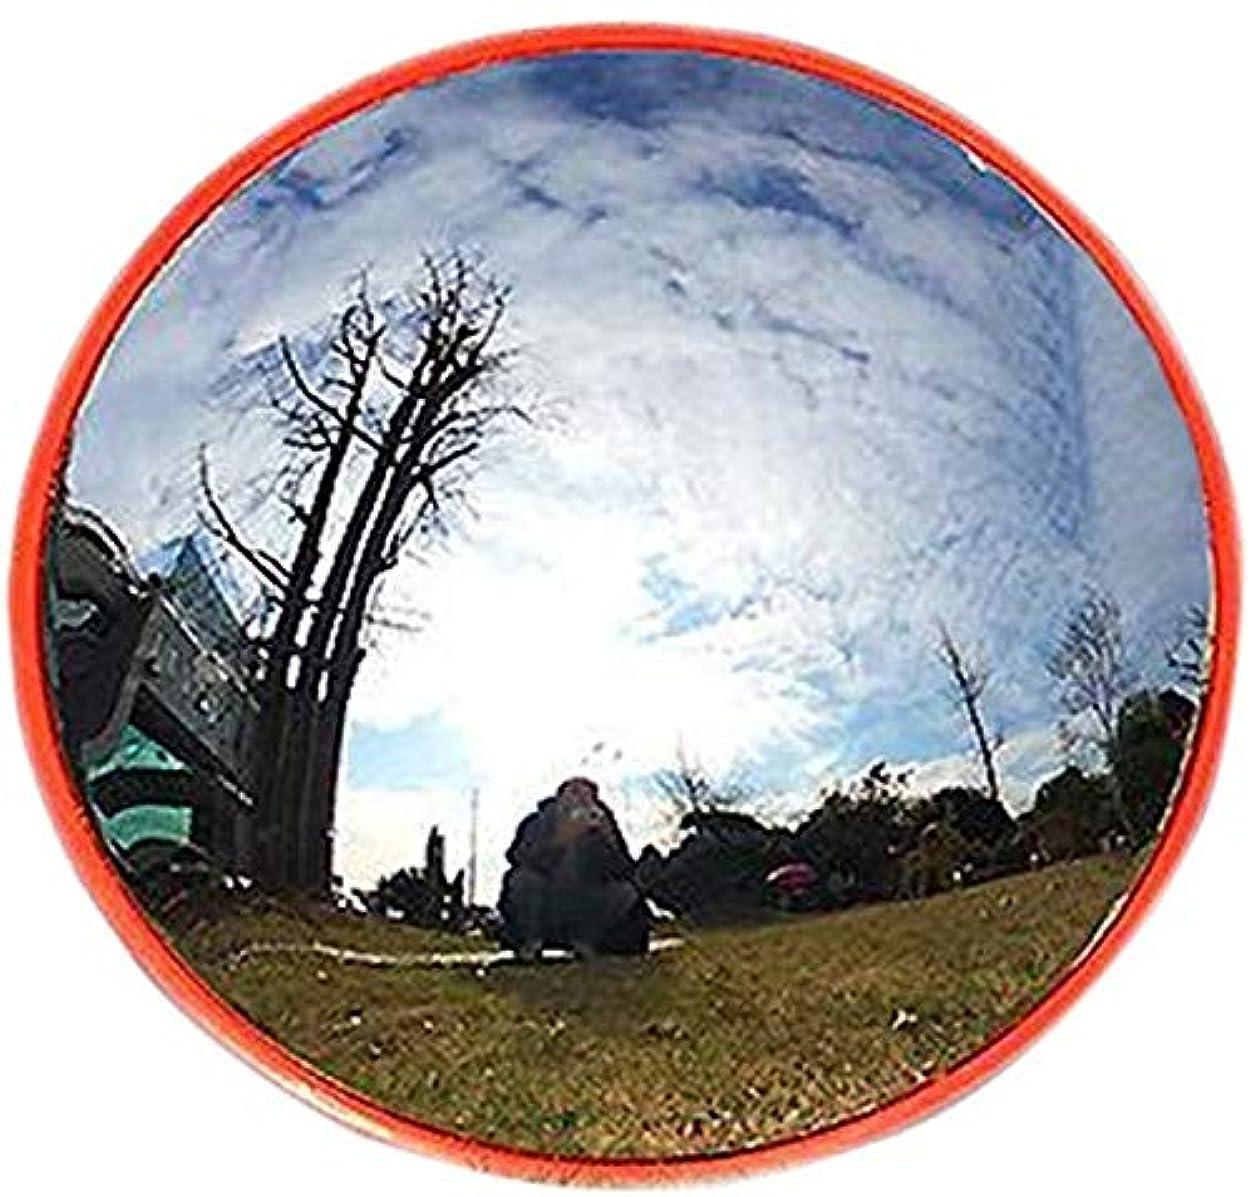 賛美歌市の中心部一55CMターンセーフティミラー、コミュニティコーナーの広角私道用倉庫病院工場山道駐車場(色:55CM)